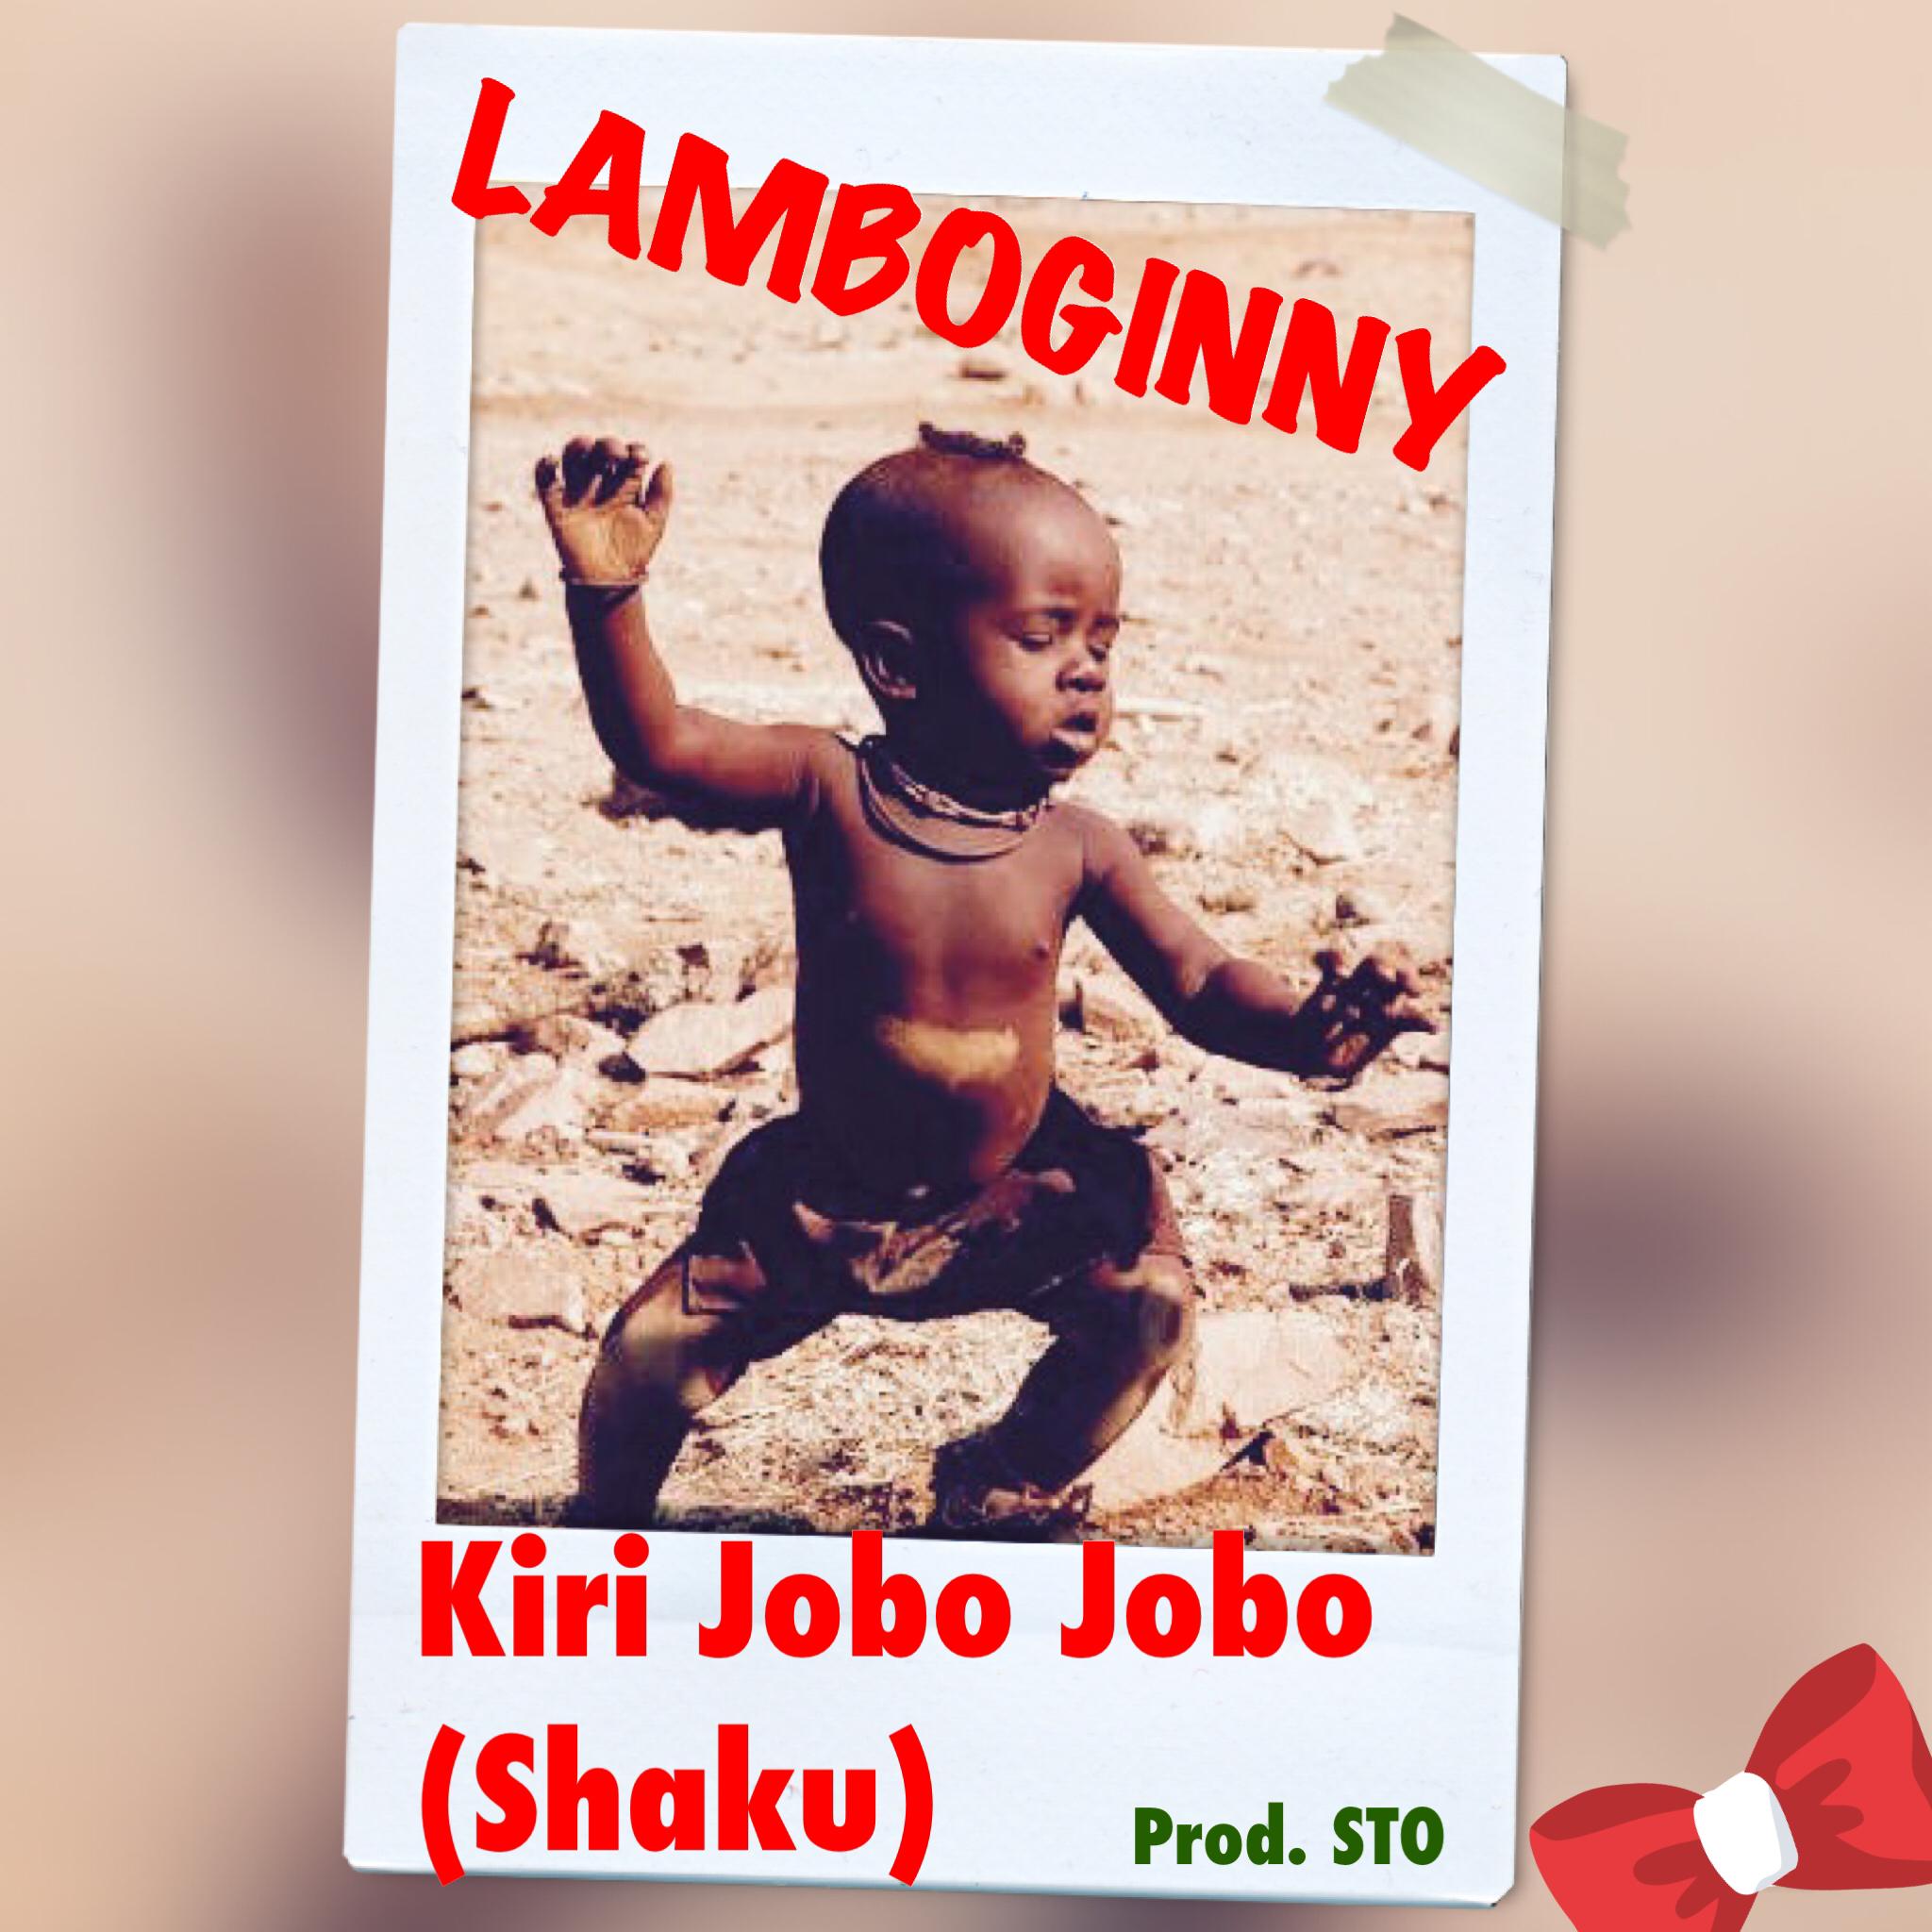 Lamboginny Kiri Jobo Jobo